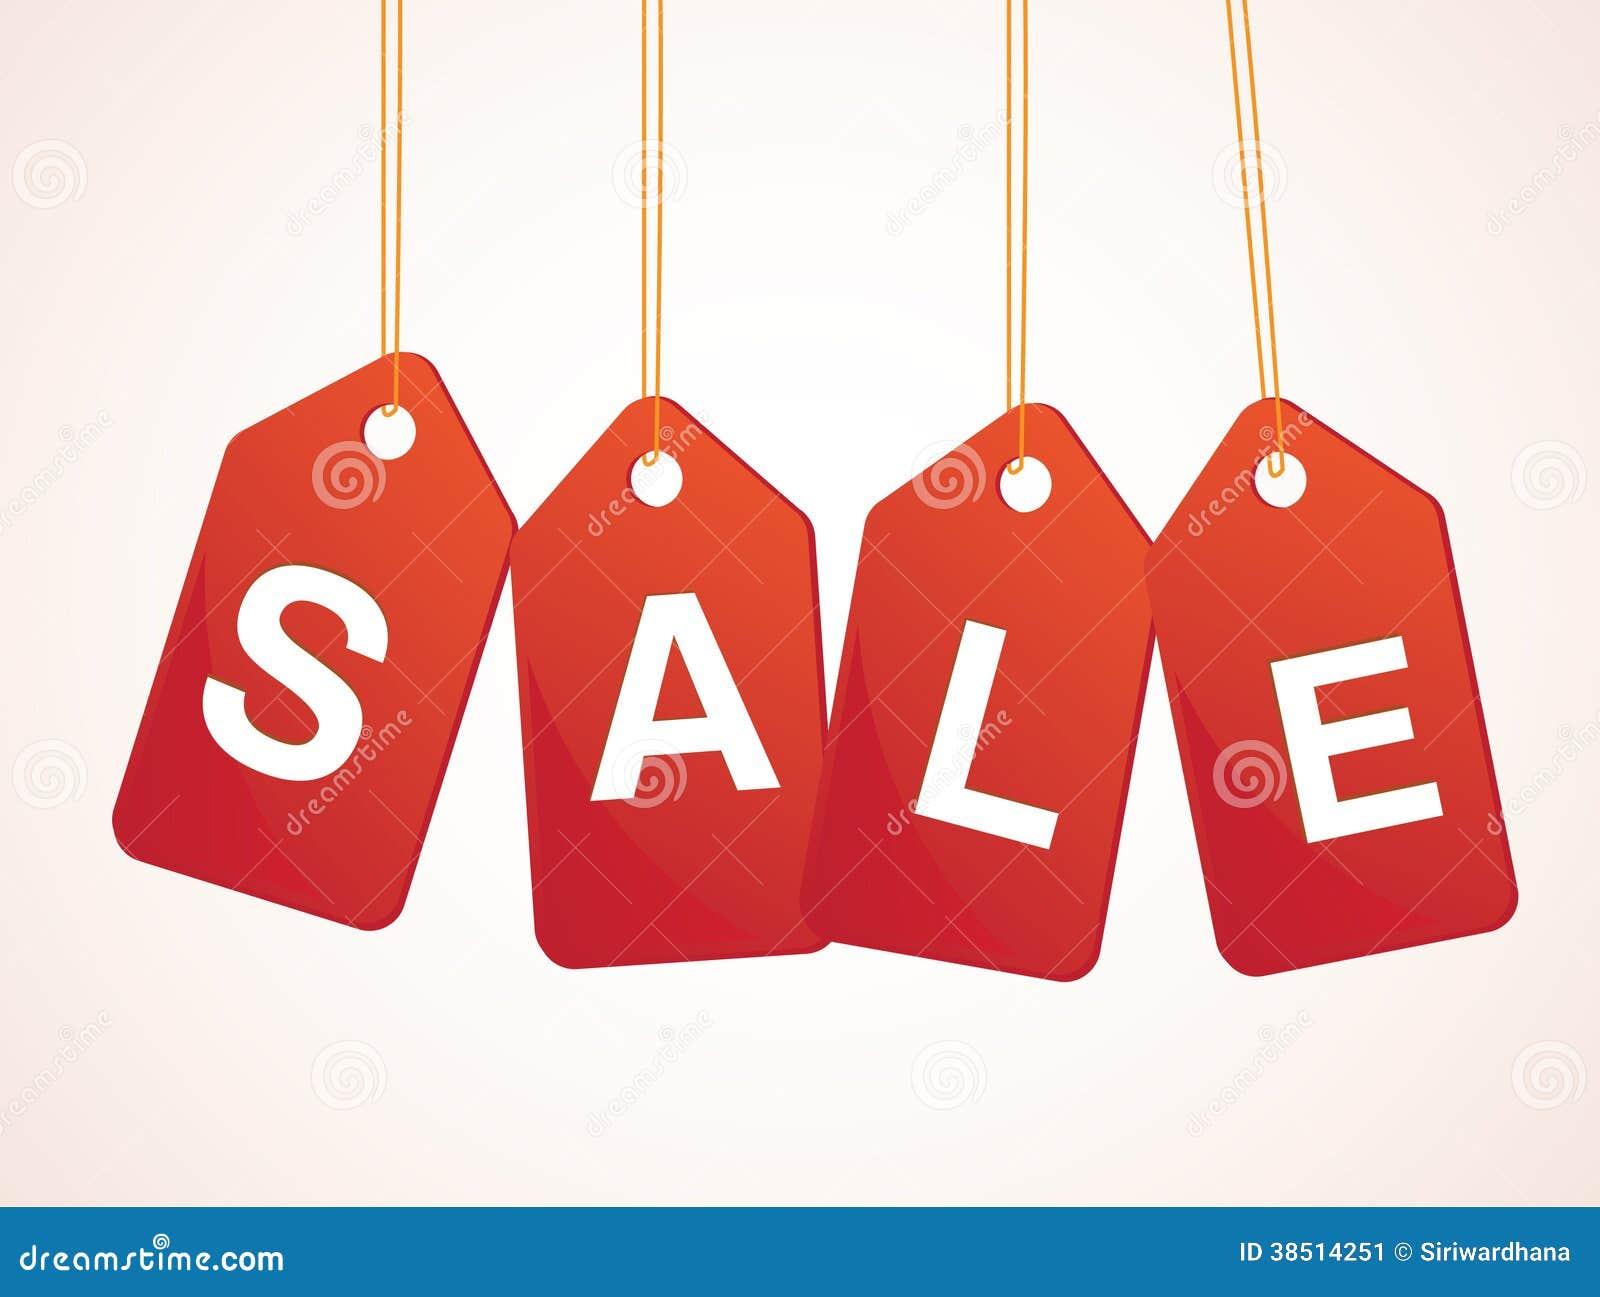 价_对红颜色象征销售的价牌.文件是可利用的.